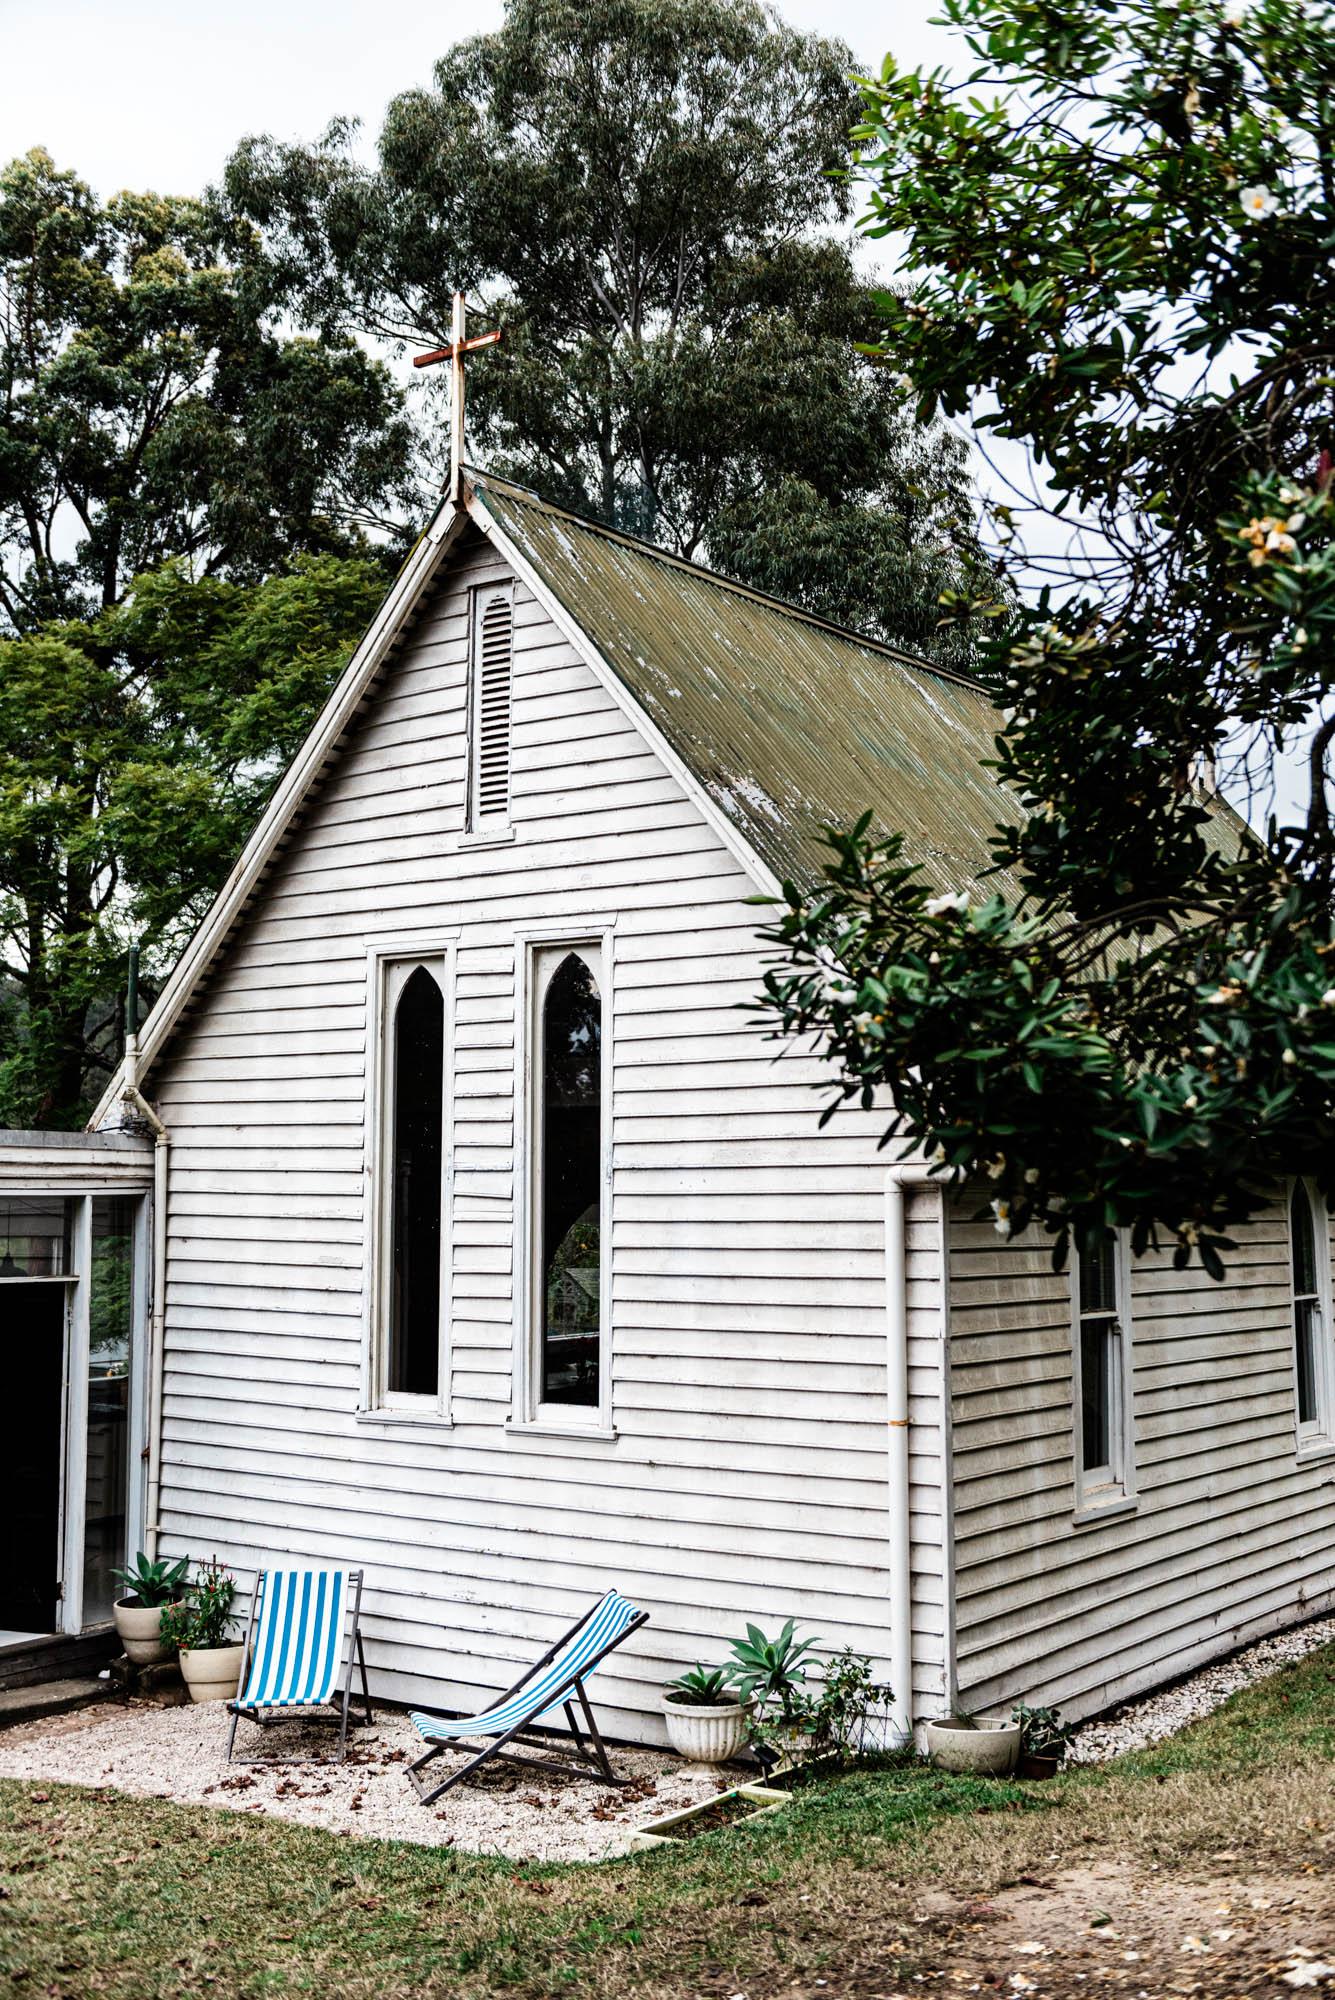 Web-hannah puechmarin-church conversion-1880s church-airbnb-1.jpg